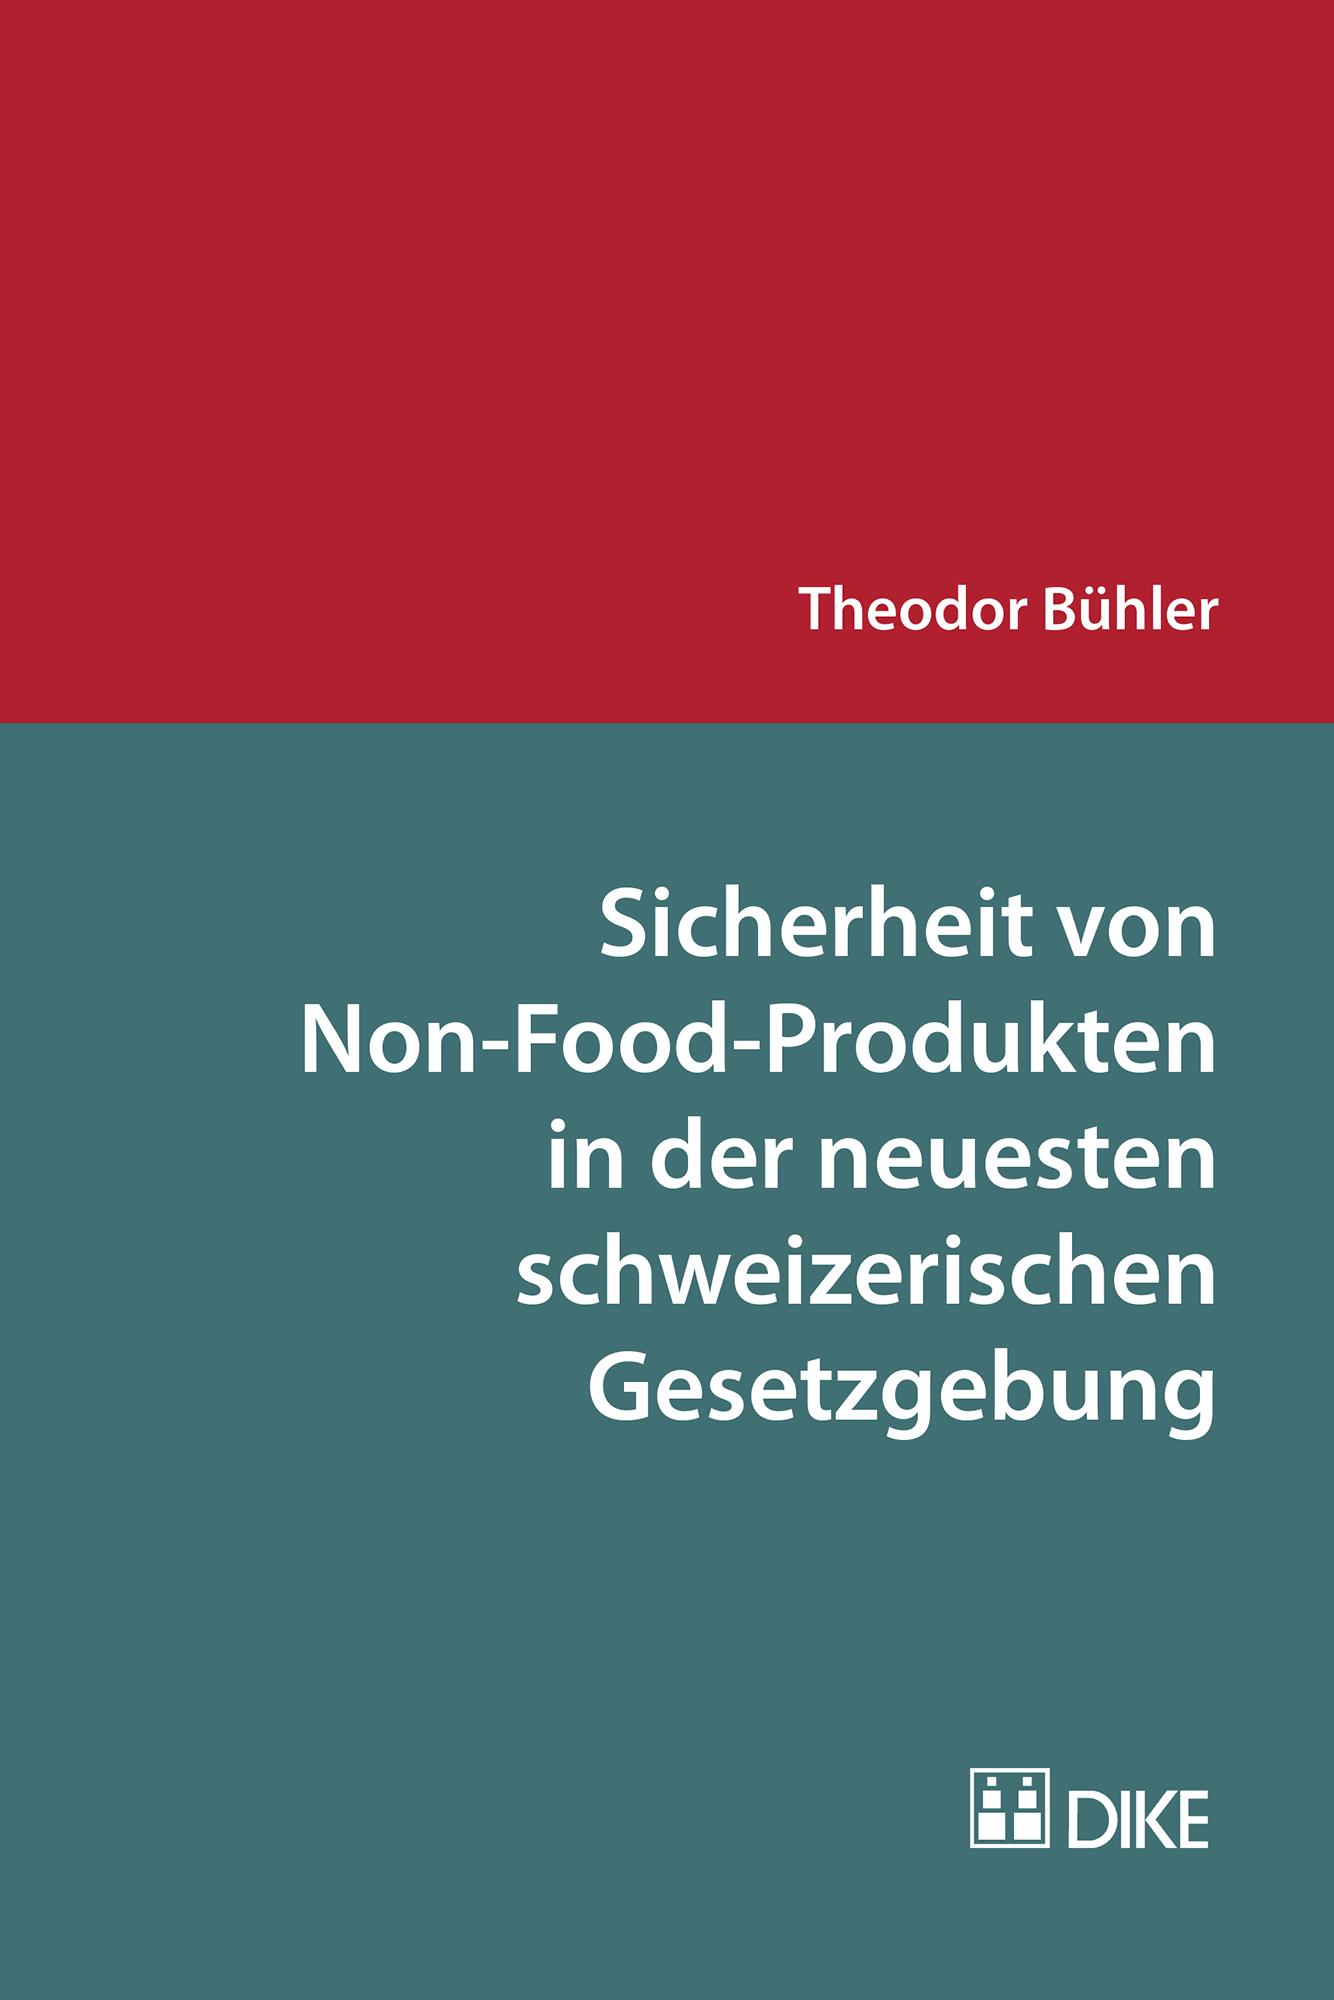 Sicherheit von Non-Food-Produkten in der neuesten schweizerischen Gesetzgebung